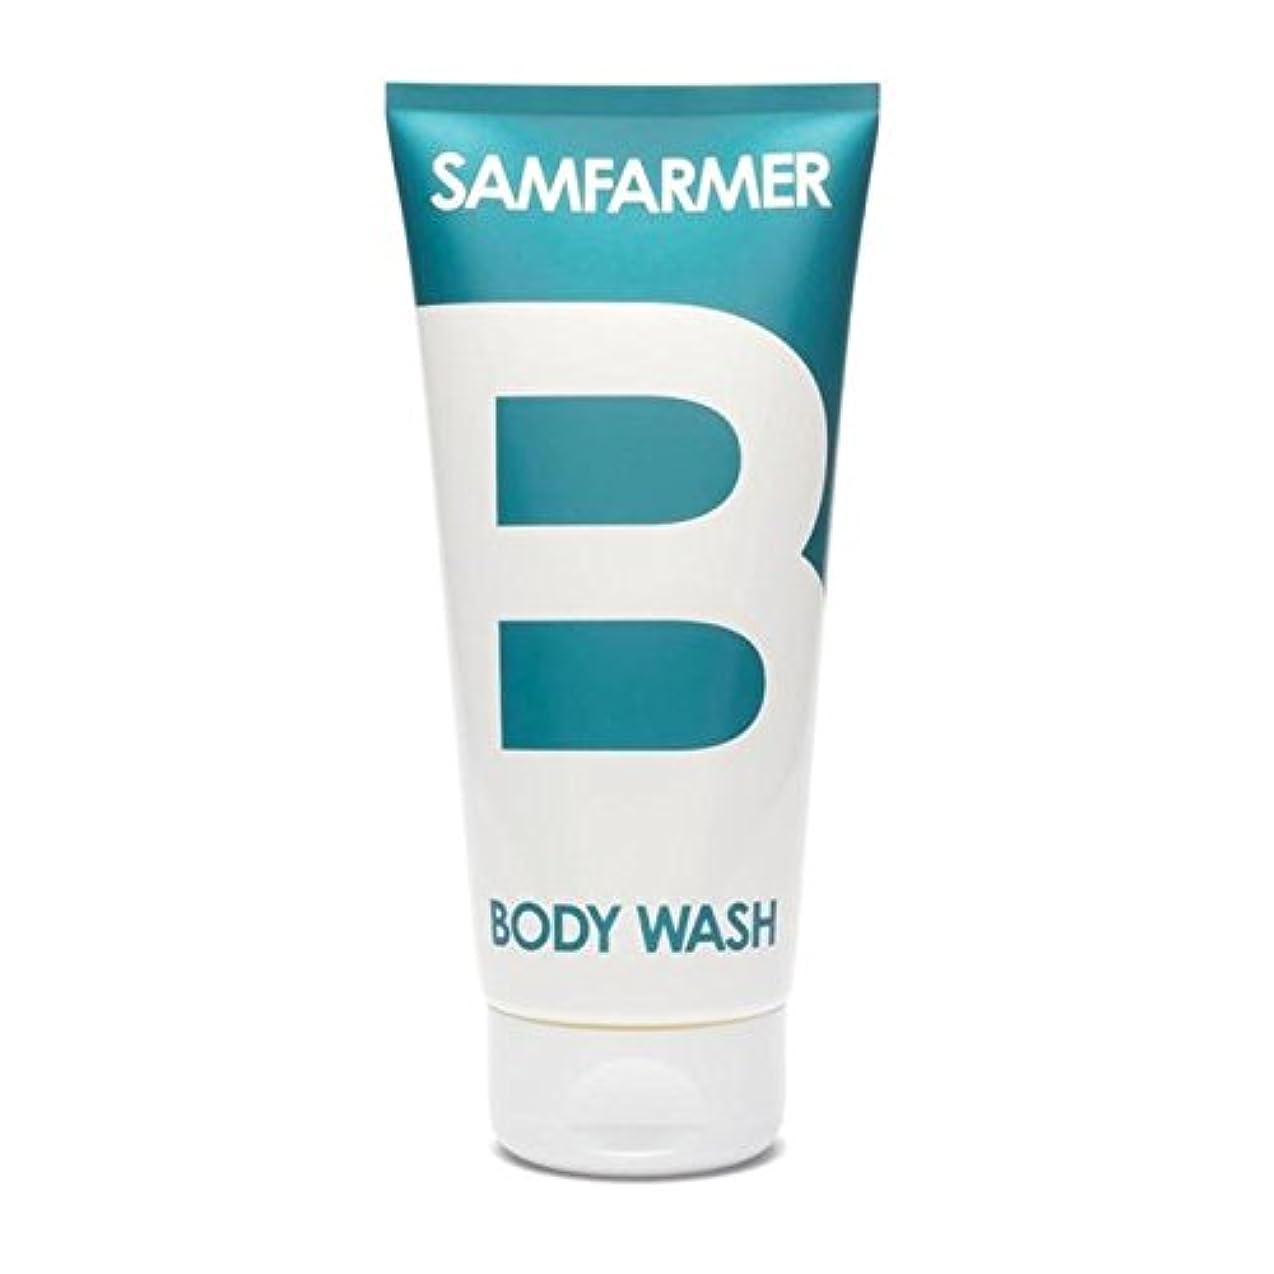 剃るニュージーランド王女ユニセックスボディウォッシュ200ミリリットル x4 - SAMFARMER Unisex Body Wash 200ml (Pack of 4) [並行輸入品]